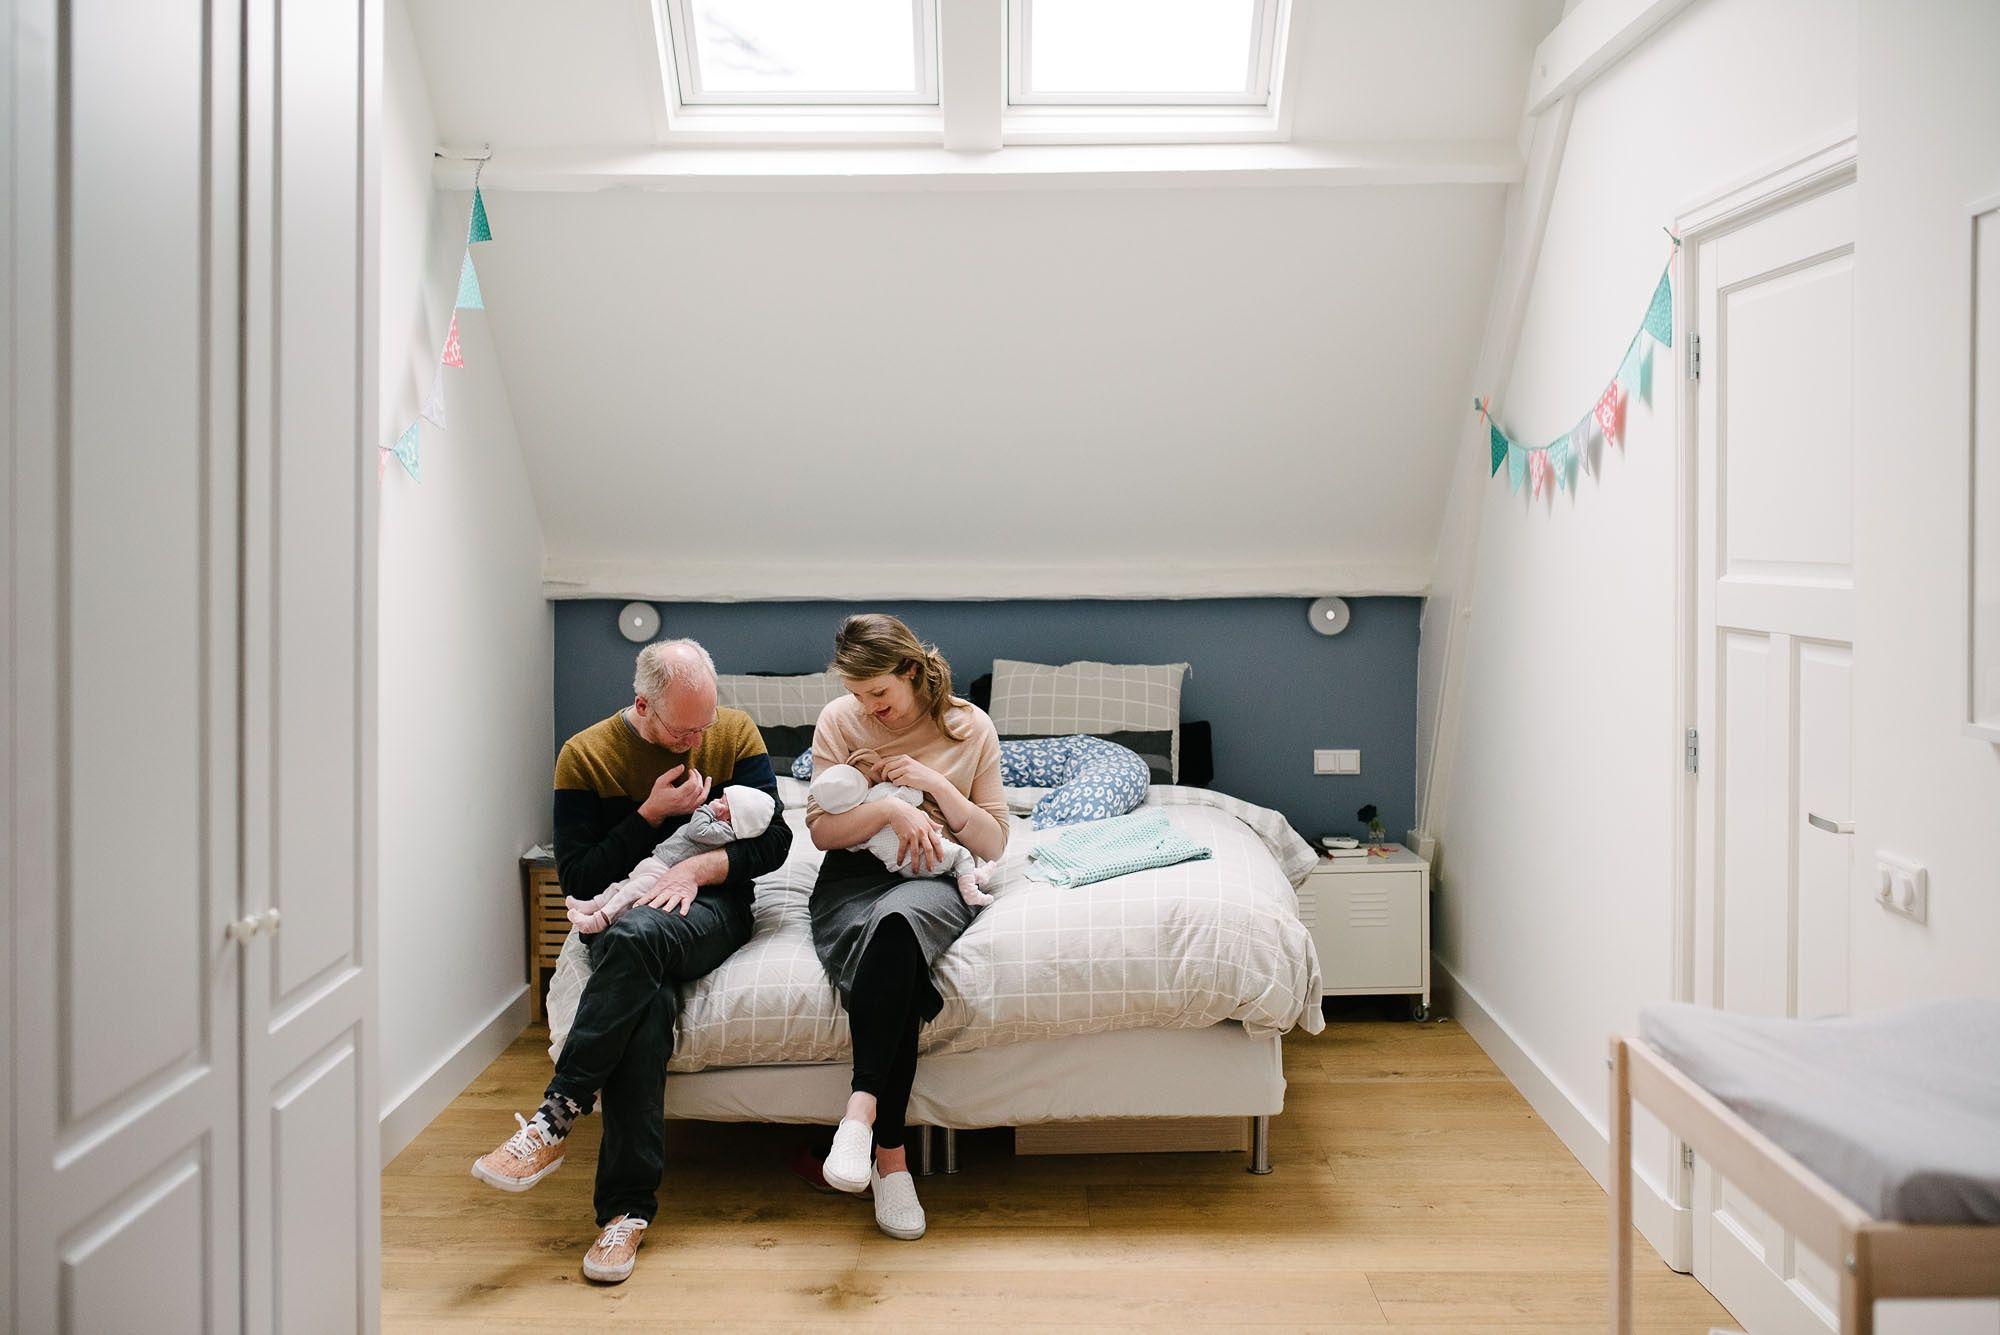 Newborn fotografie ongeposeerd tweeling newbornfotograaf Eindhoven 048.jpg